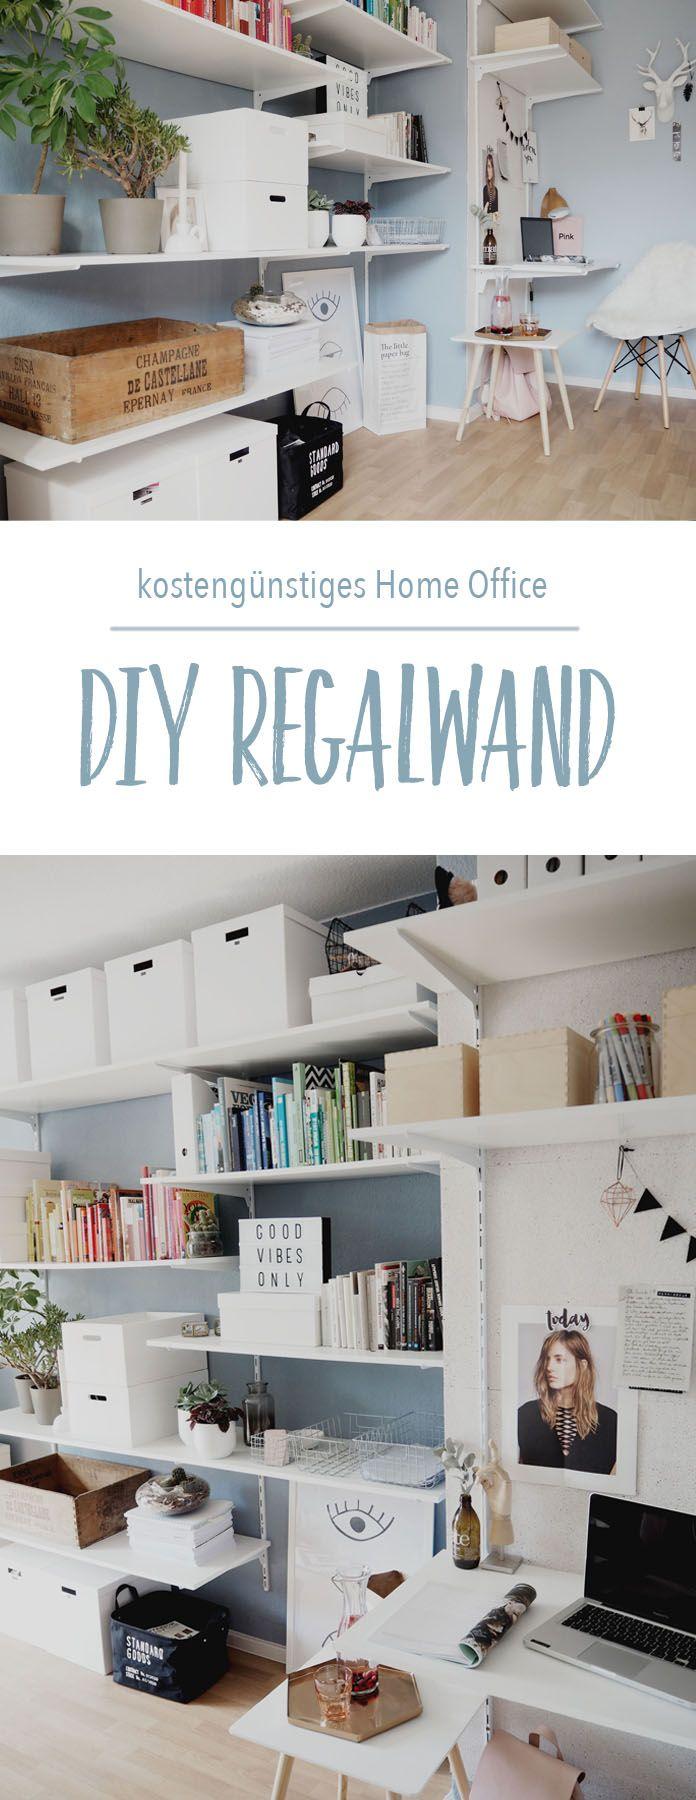 Einfache home-office-design-idee diy regalwand für unter euro  home decor mit diy  pinterest